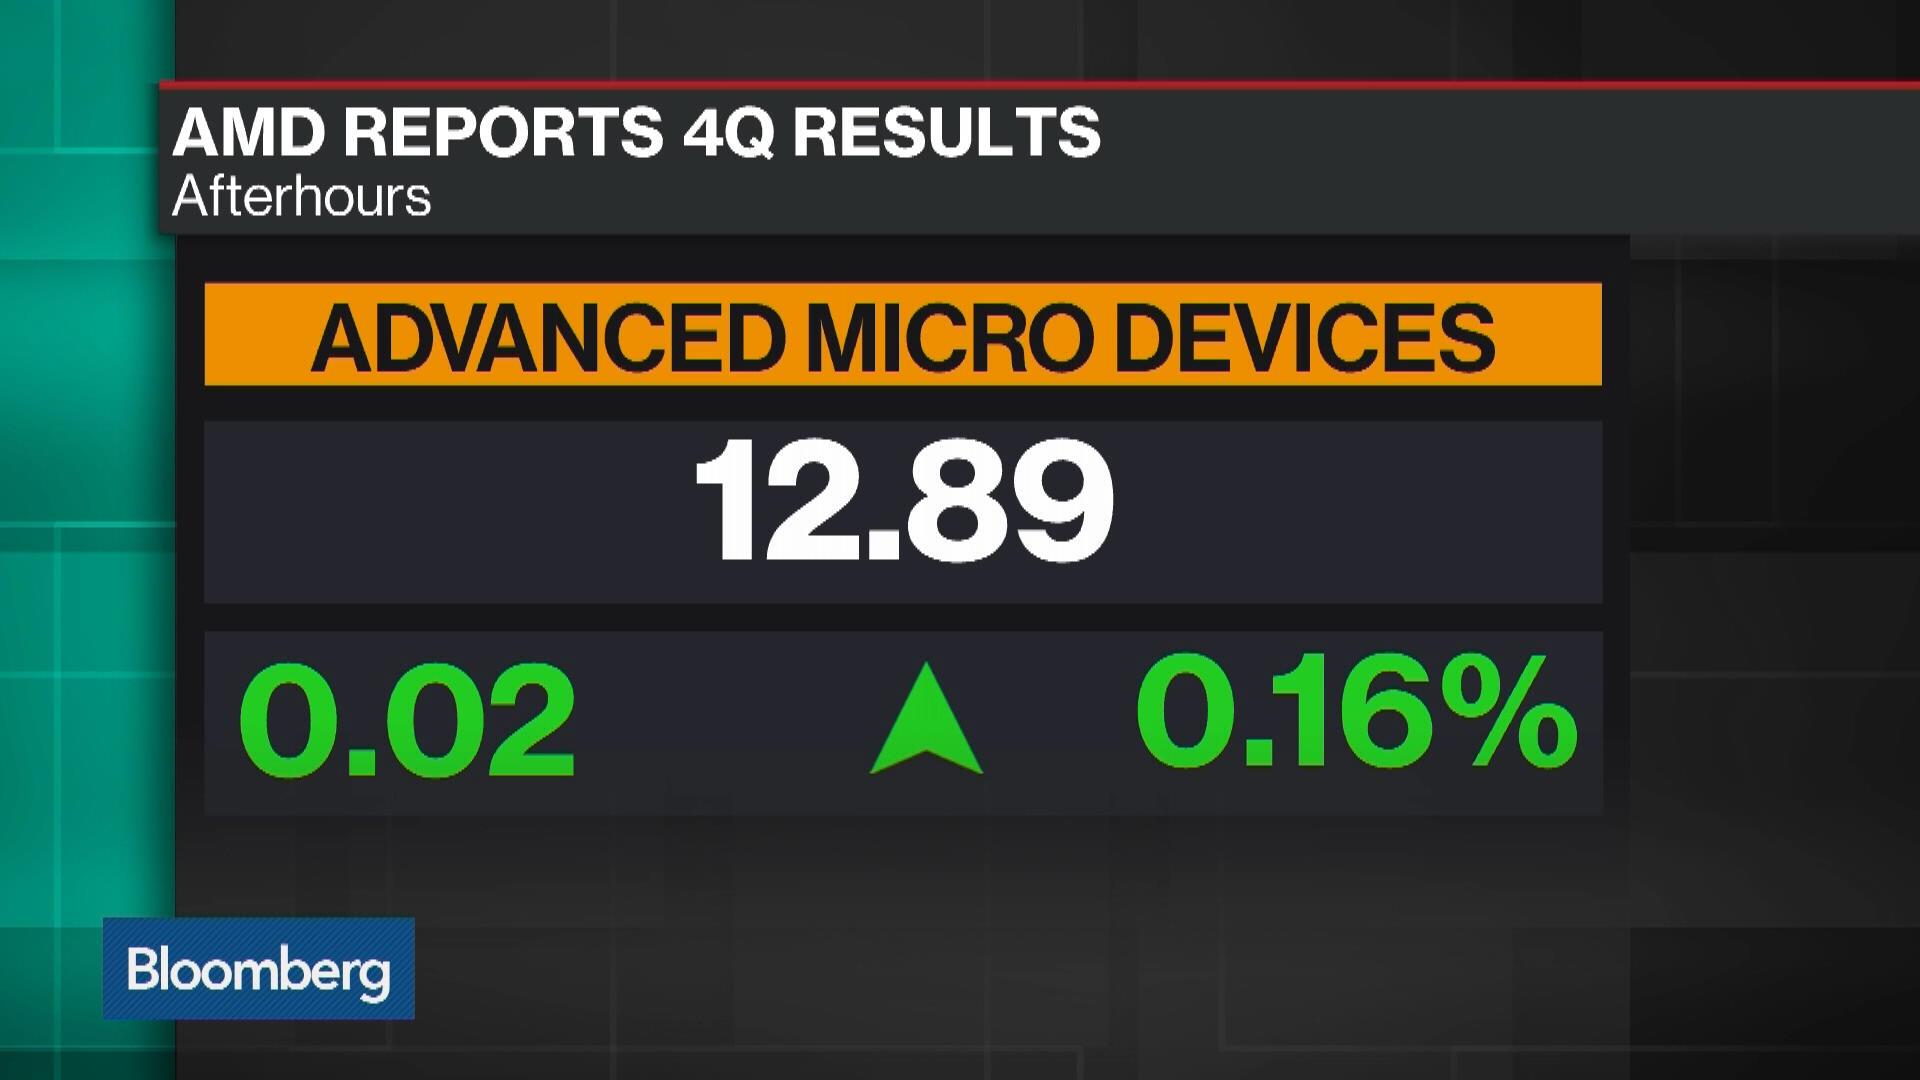 AMD:NASDAQ GS Stock Quote - Advanced Micro Devices Inc